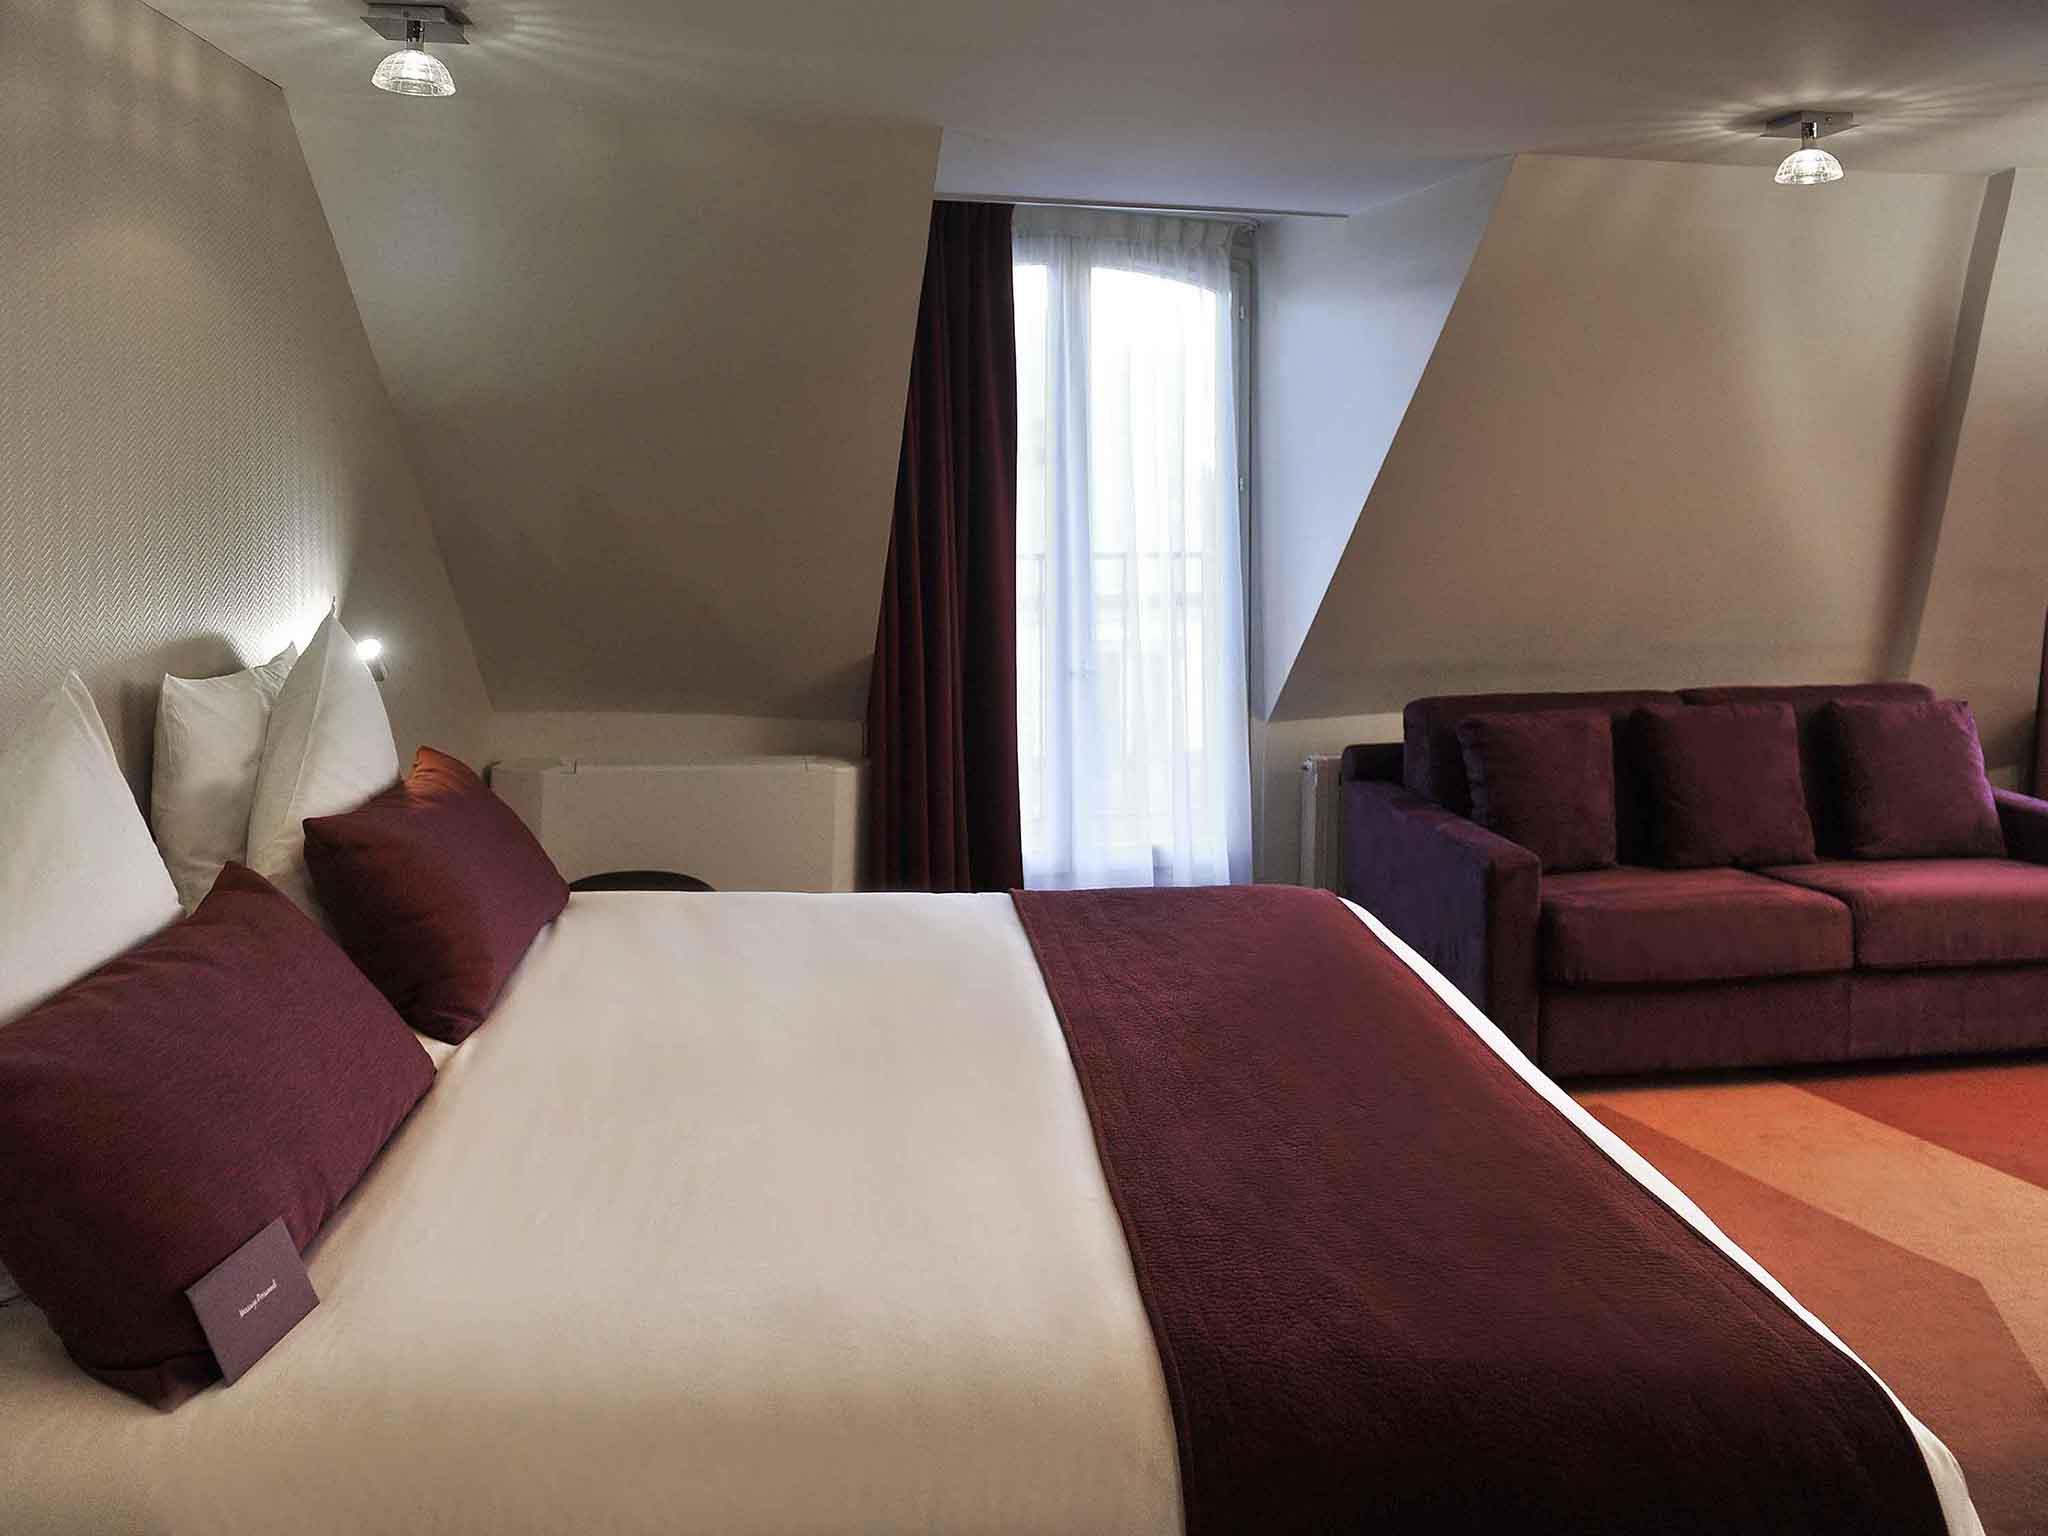 Hotel – Hotel Mercure Paris Opéra Lafayette